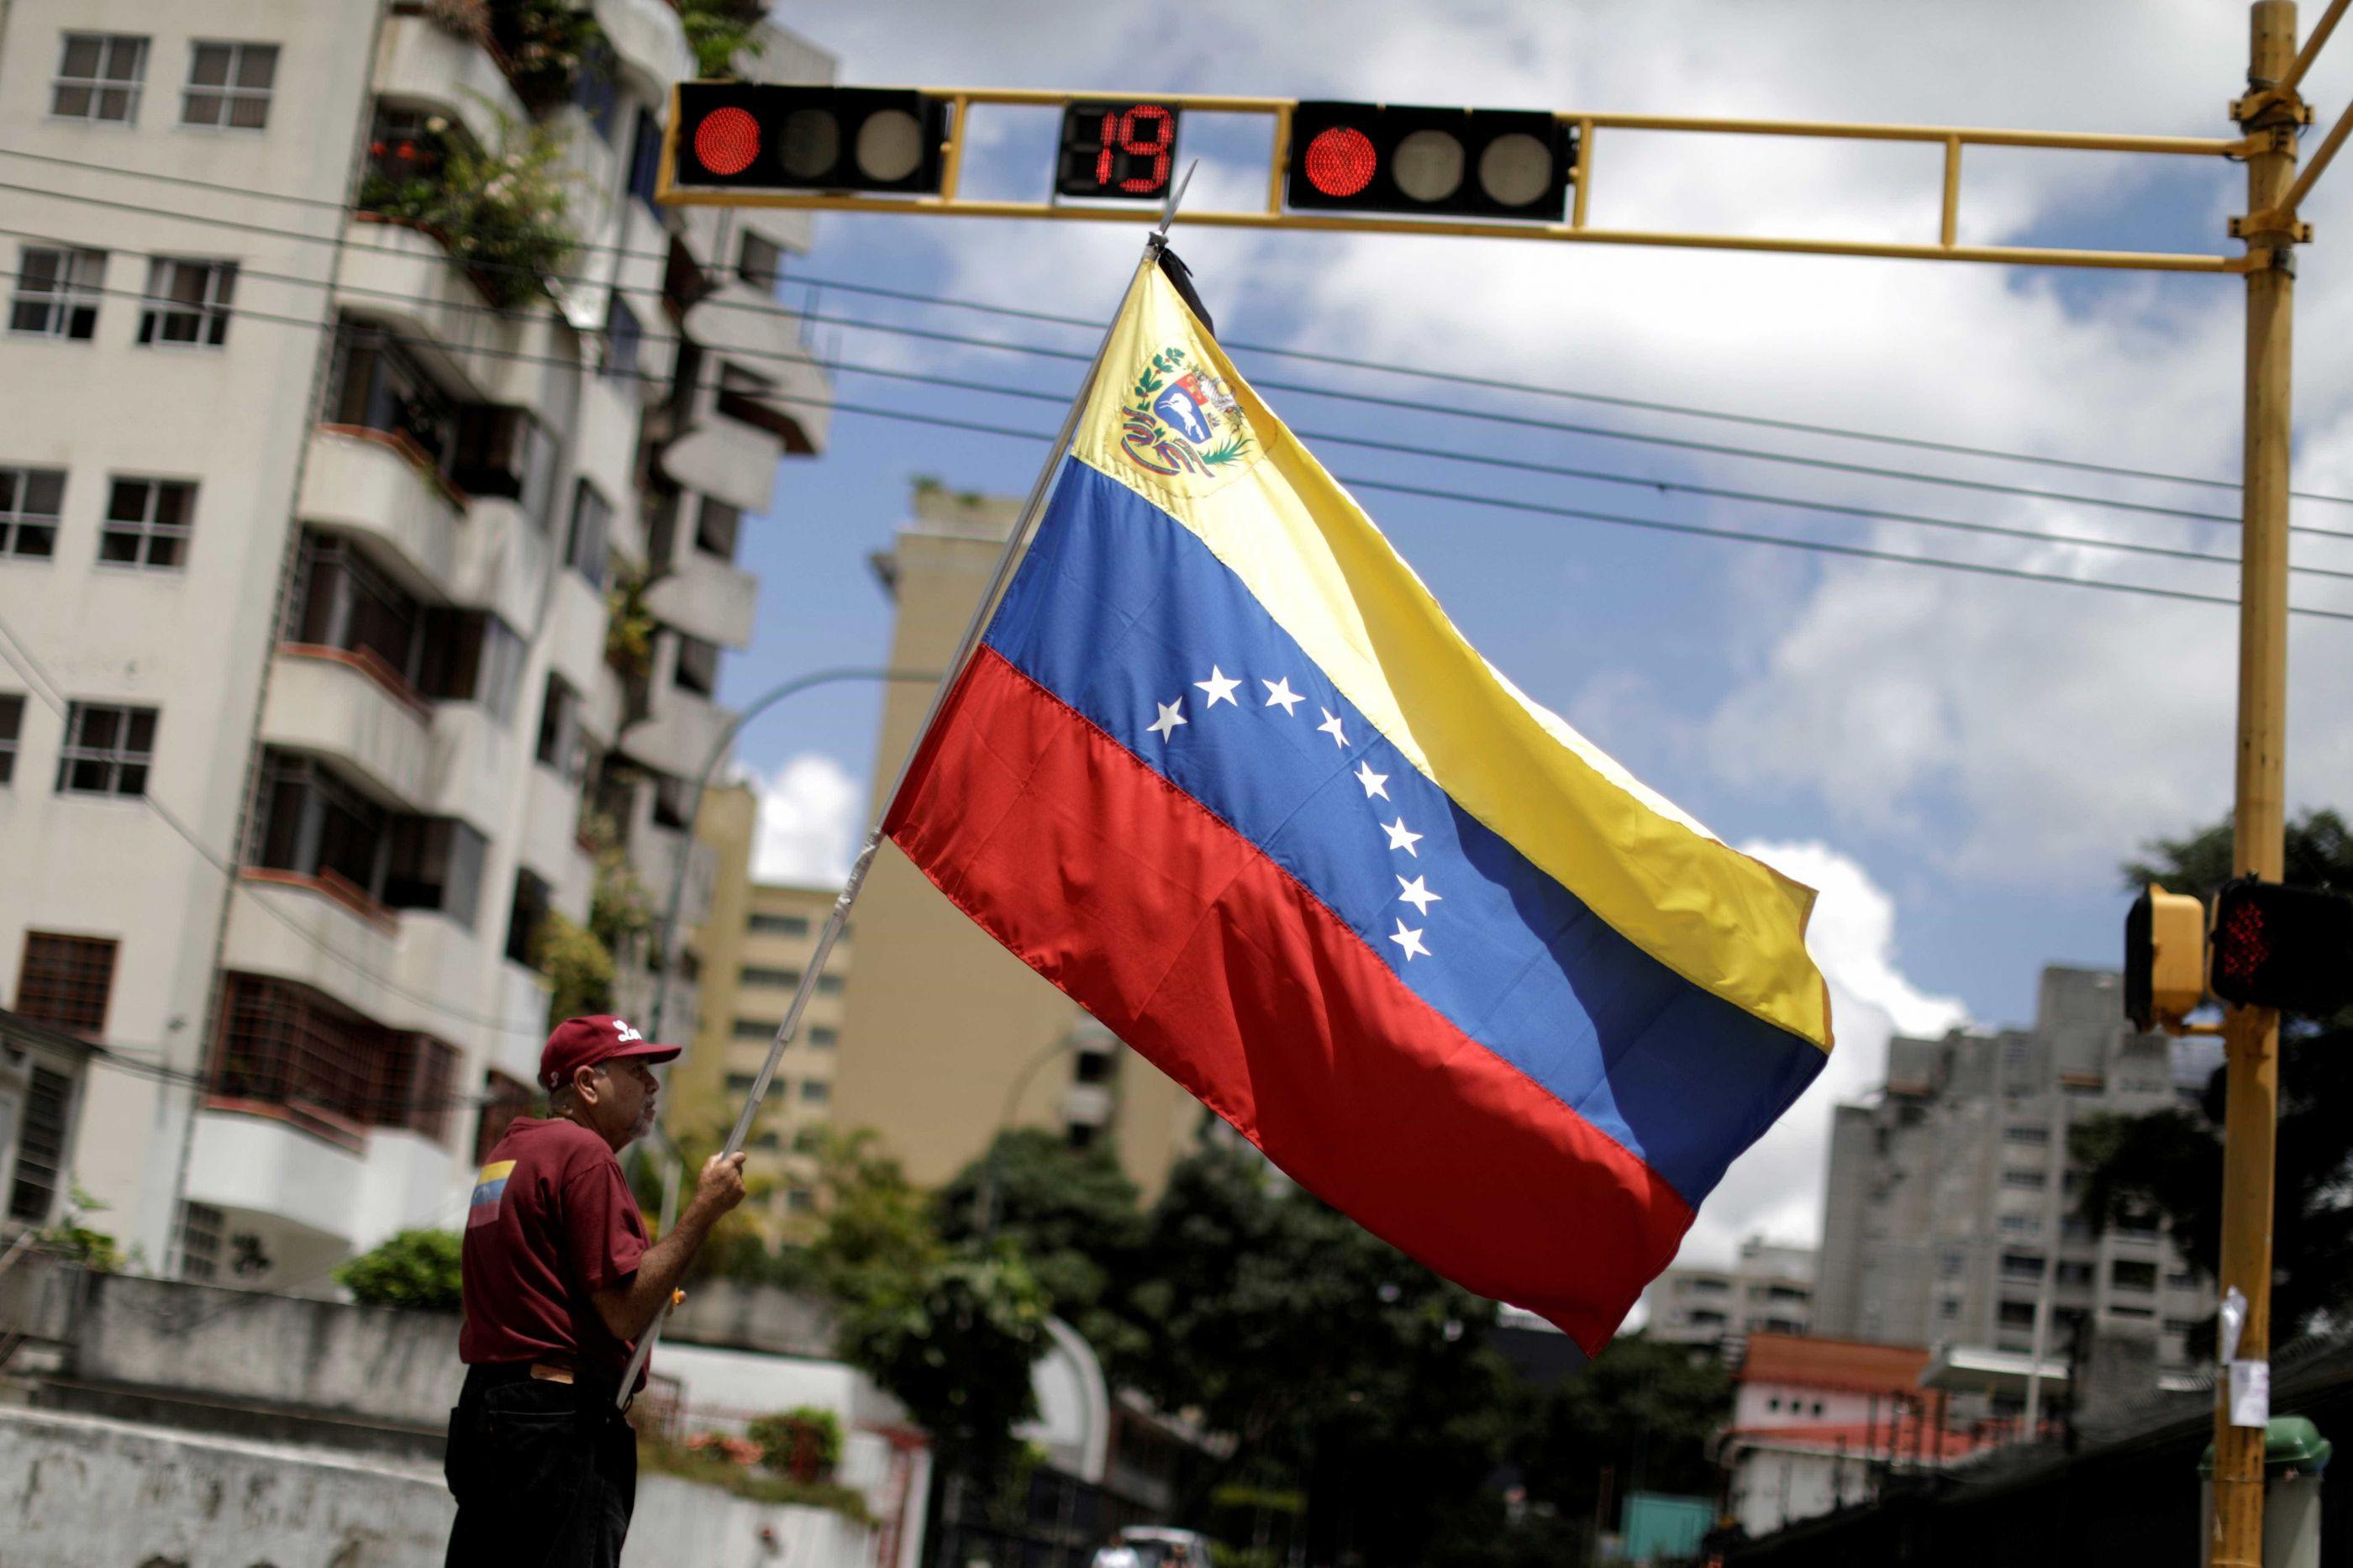 Libertado jornalista norte-americano detido em Caracas